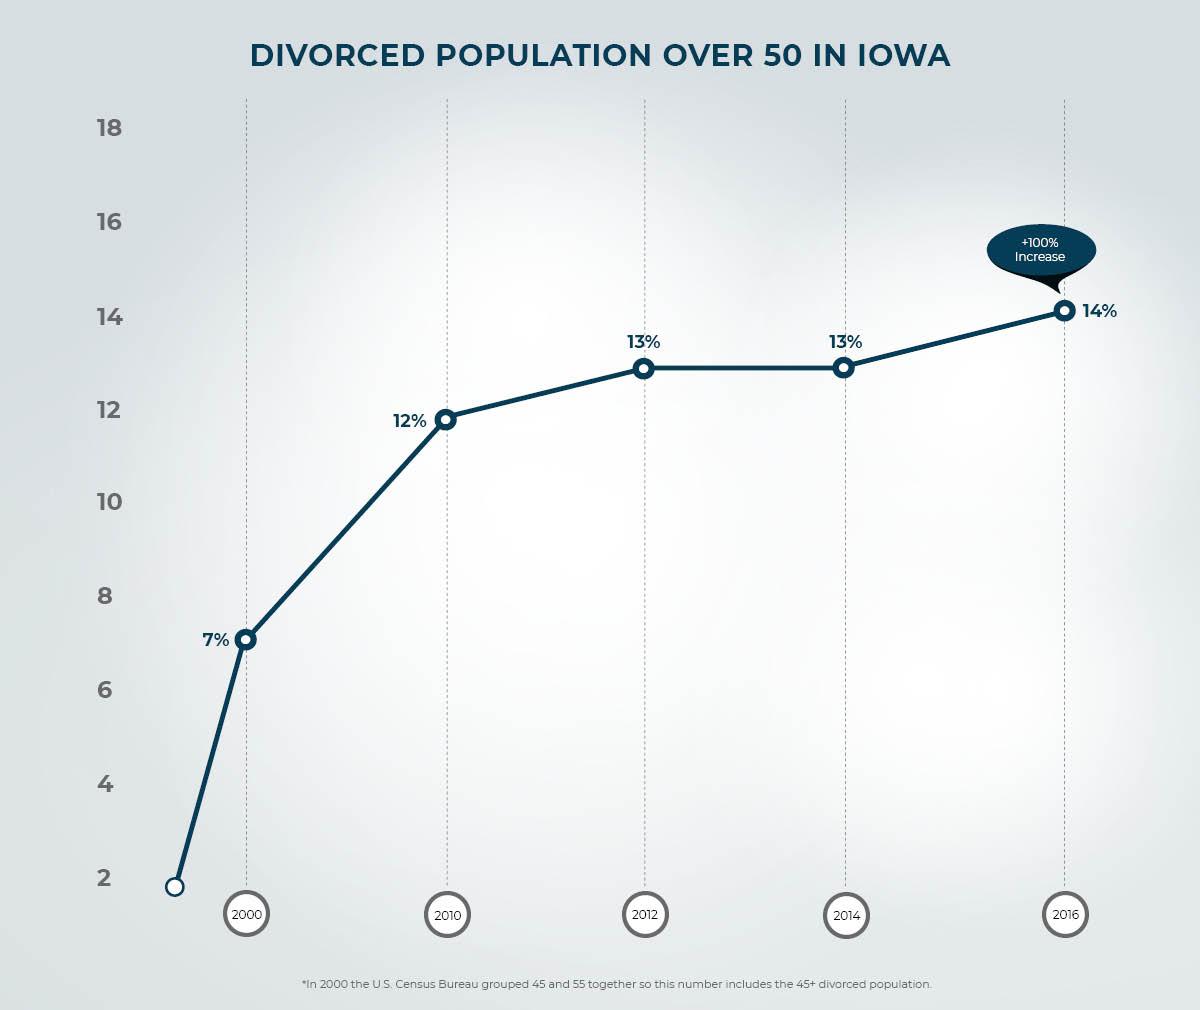 Graph of Divorce Population in Iowa